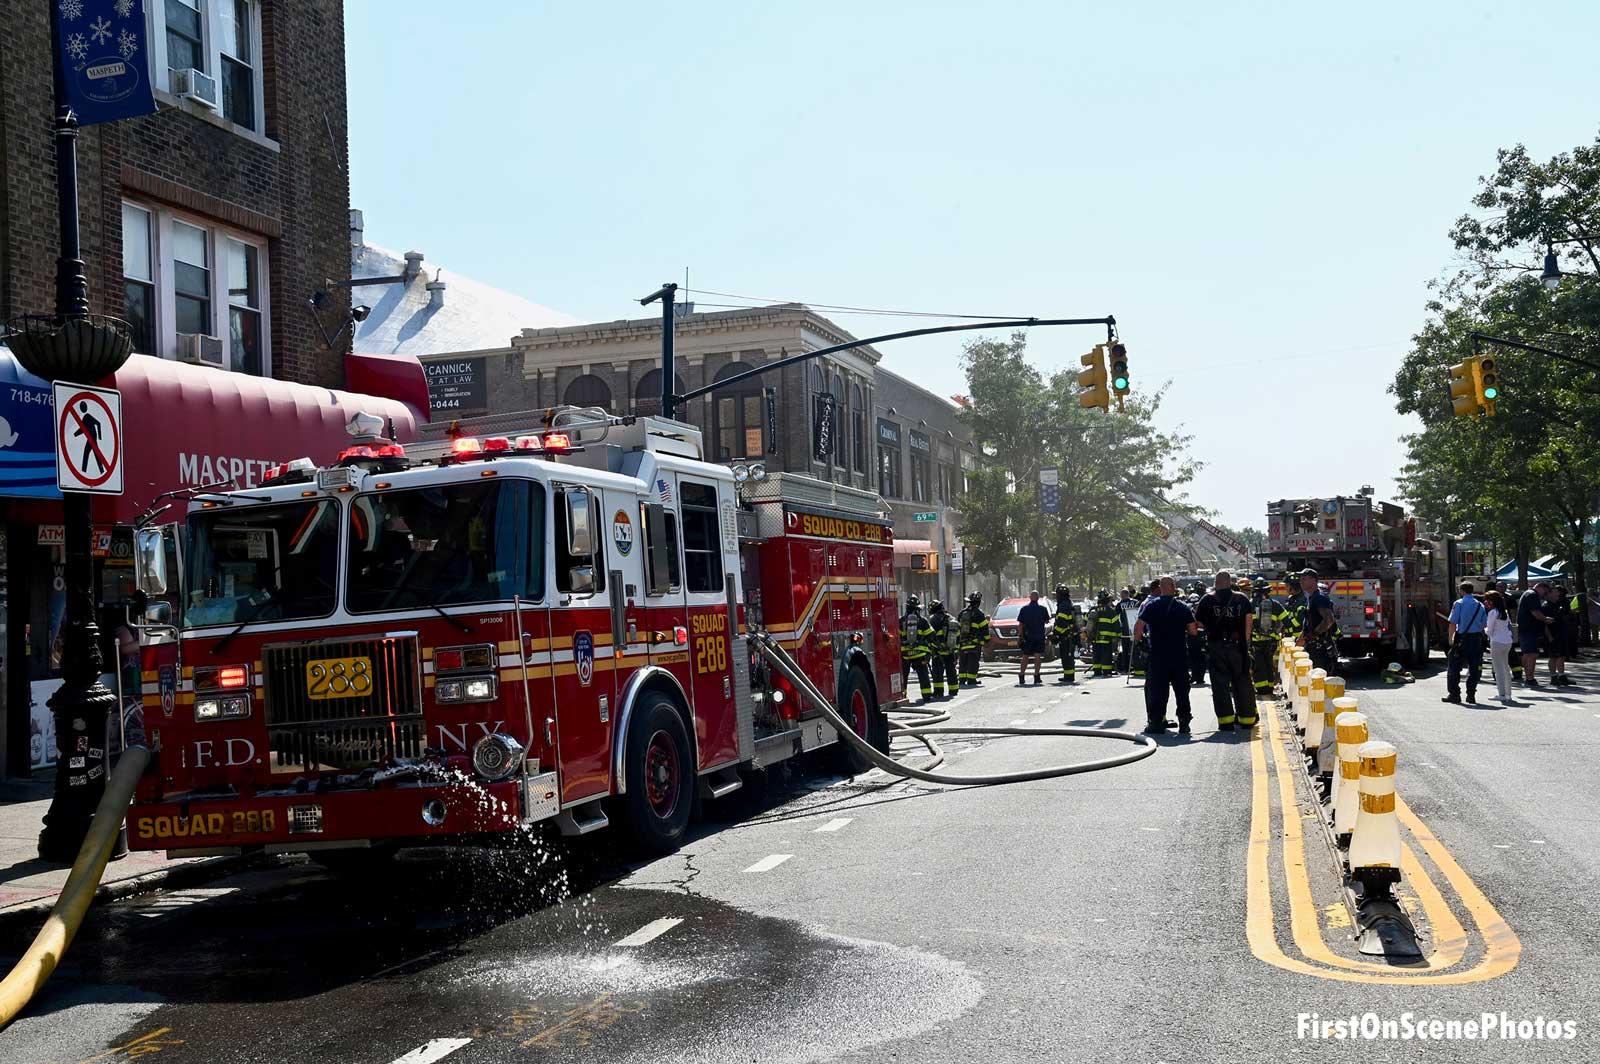 FDNY apparatus at fire scene